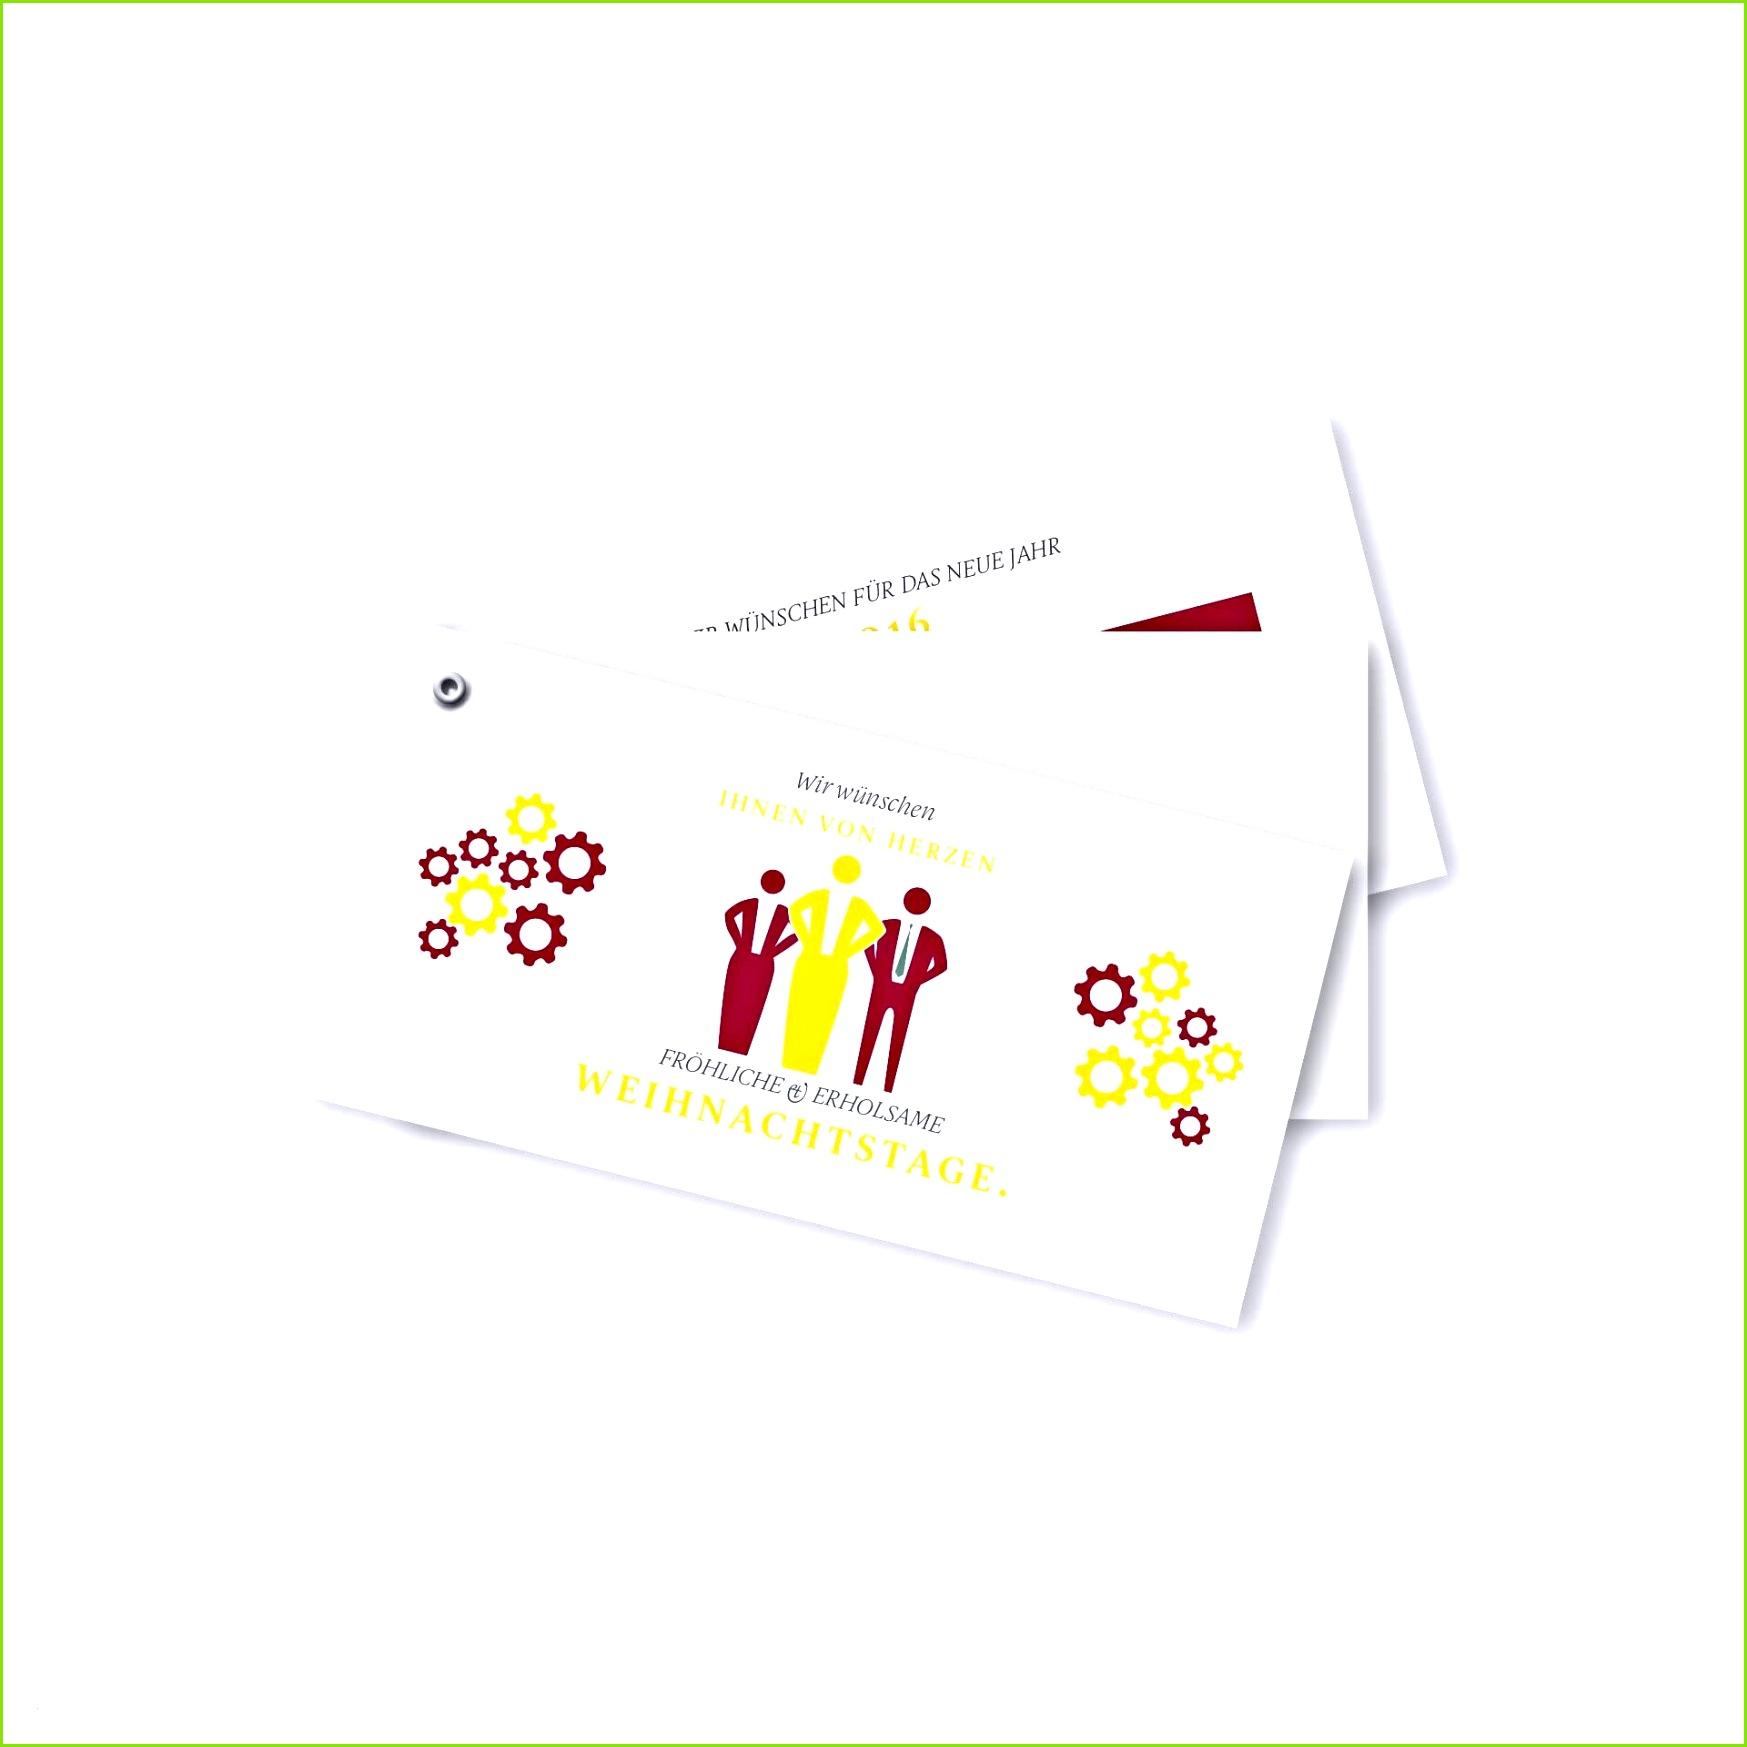 Weihnachtskarten Selber Basteln Vorlagen Kostenlos Elegant Weihnachtskarten Selber Machen Inspirierend Weihnachtskarten